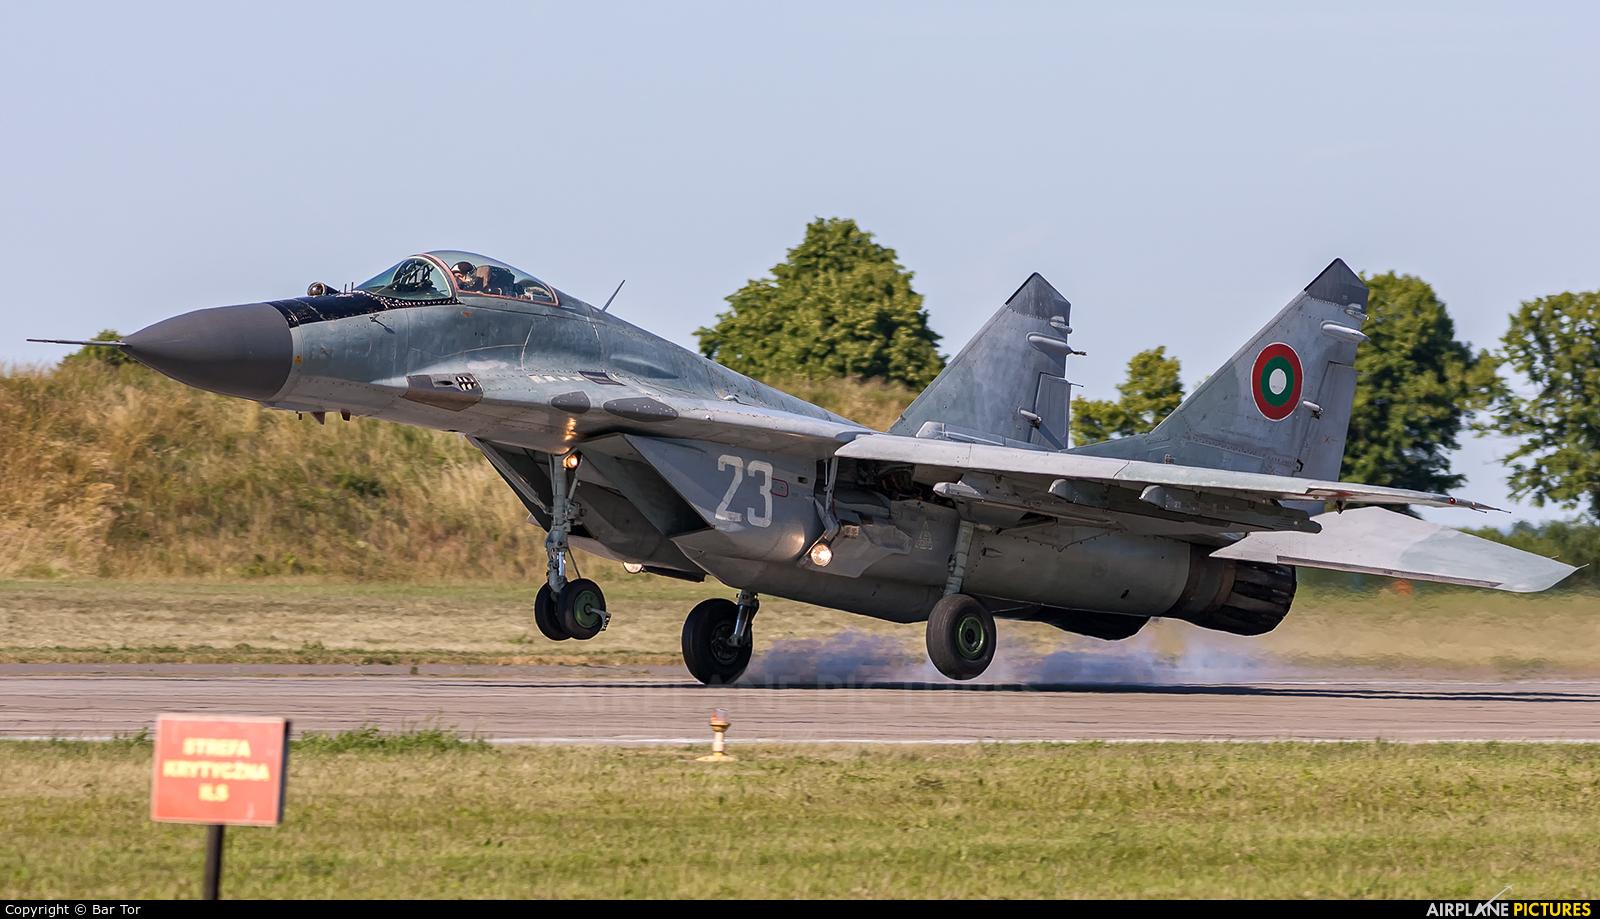 Bulgaria - Air Force 23 aircraft at Malbork